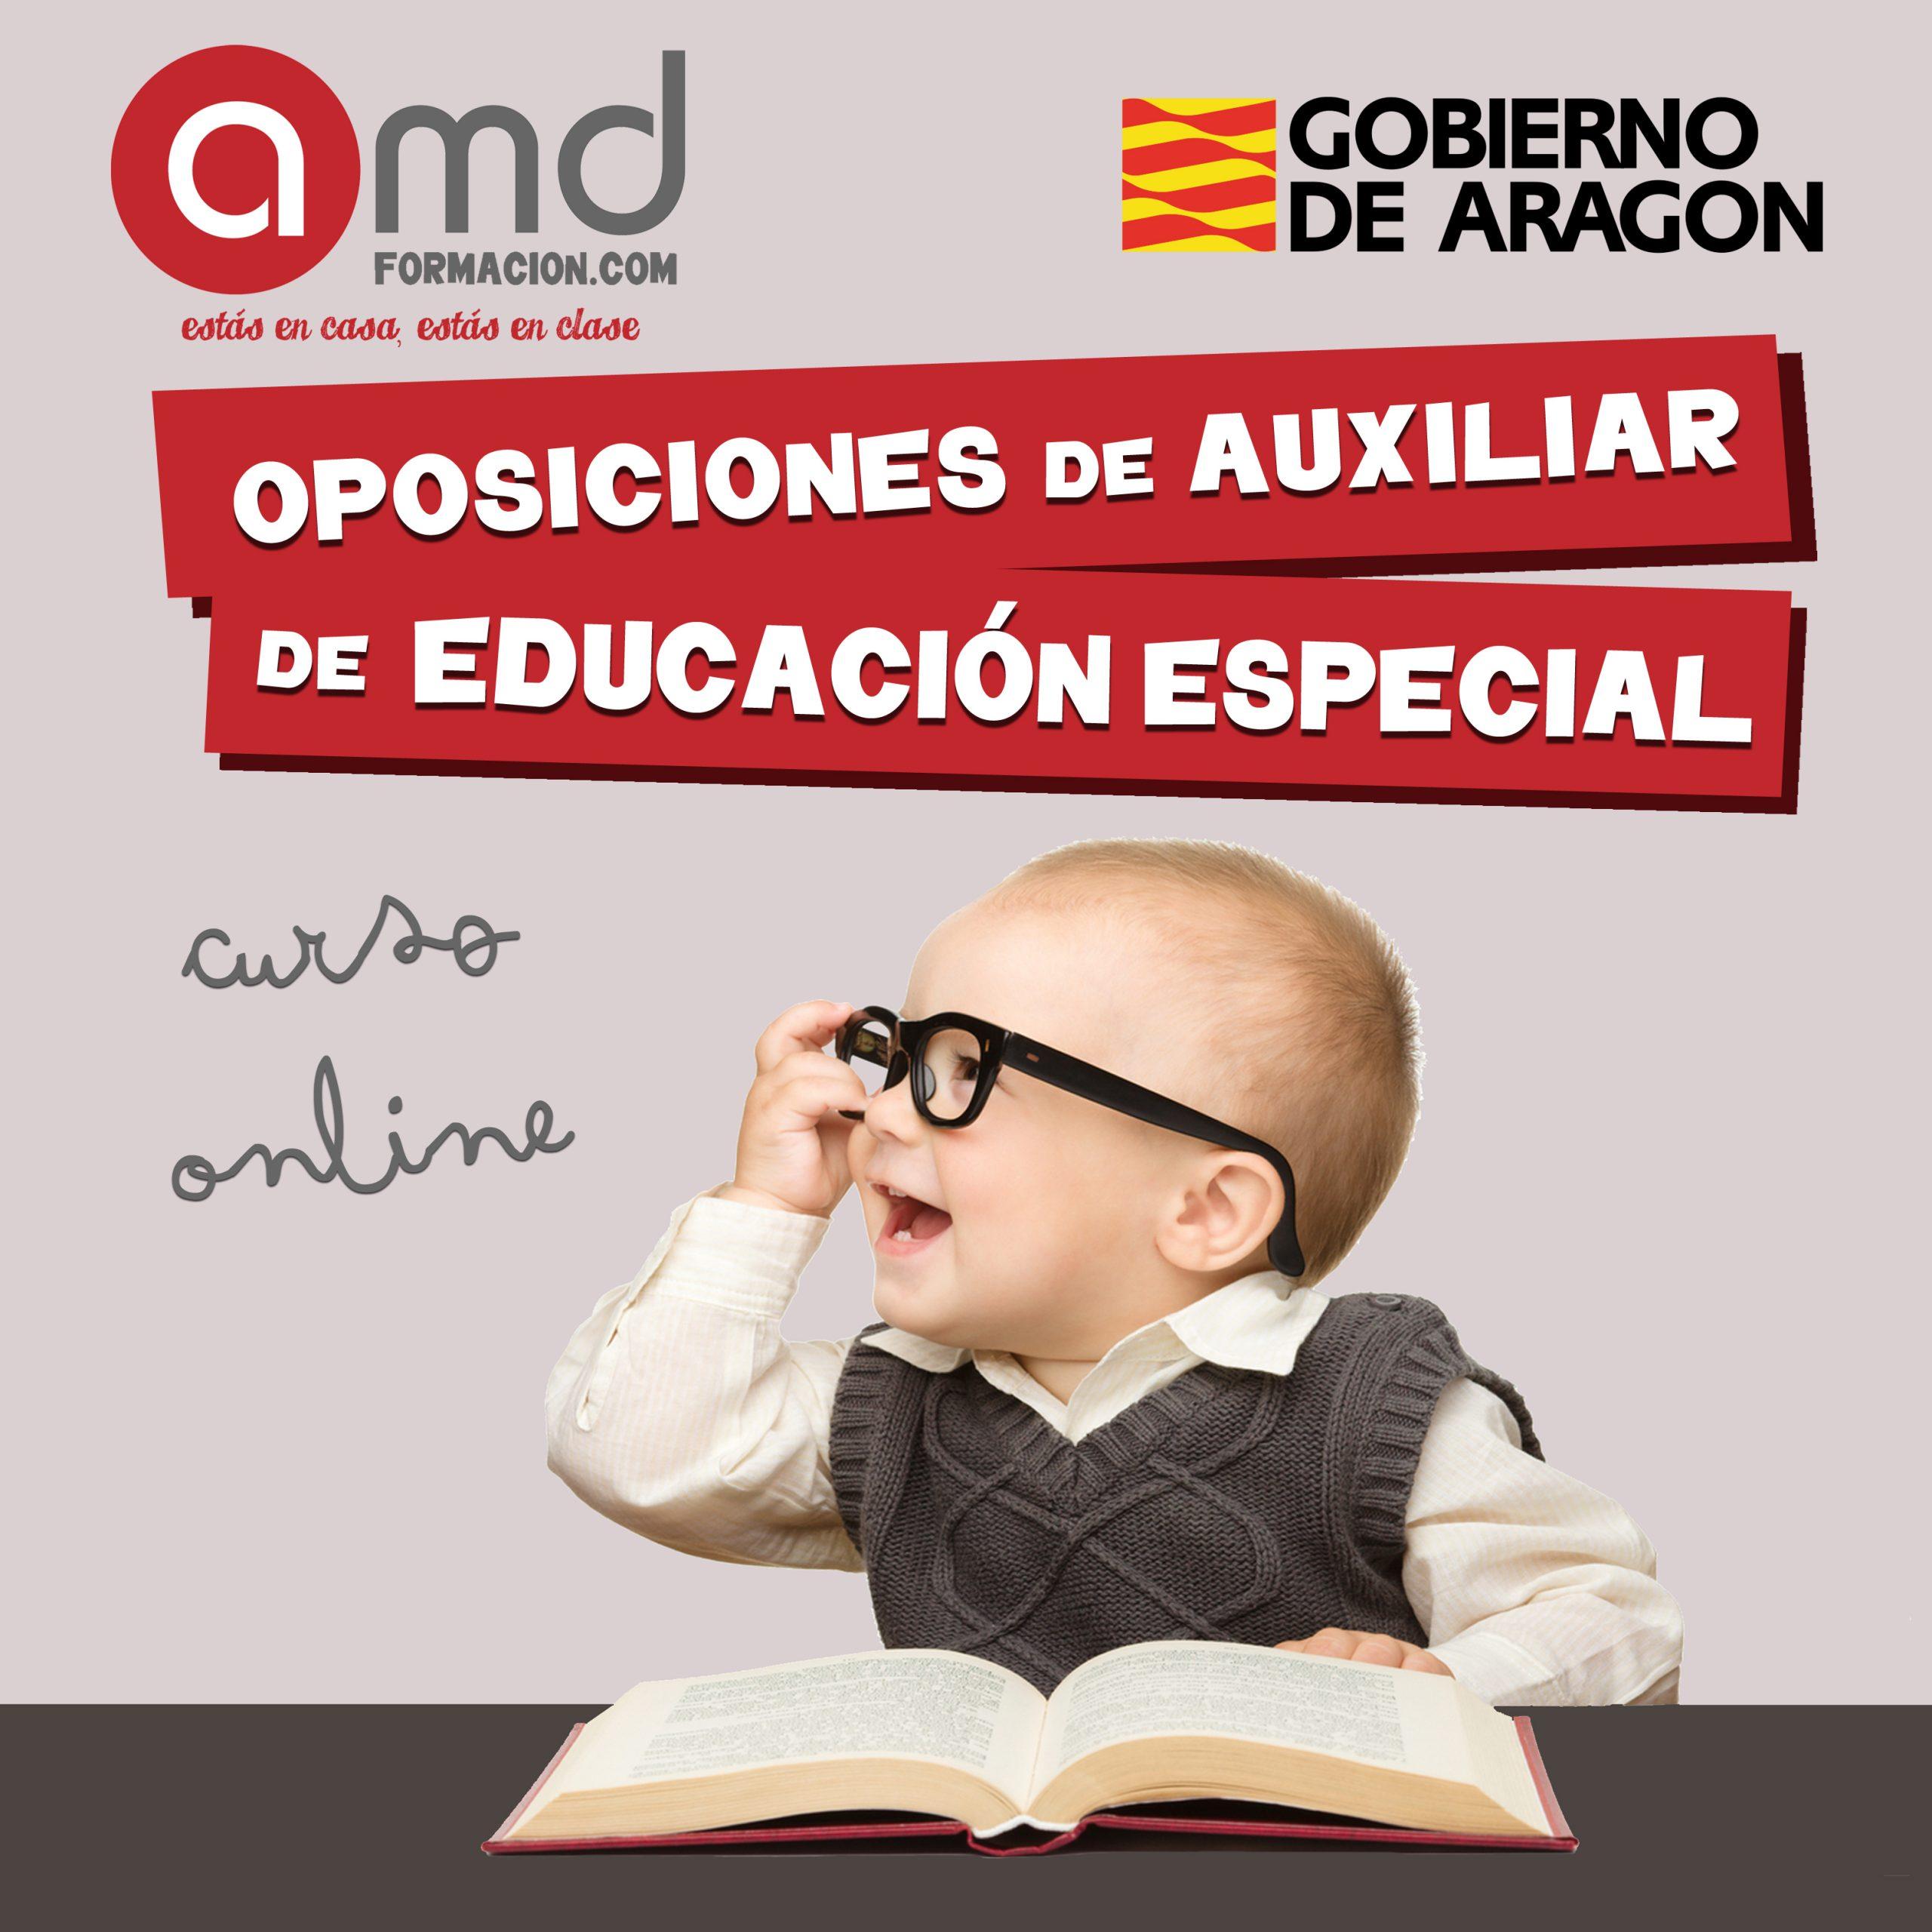 Auxiliar de Educación Especial Aragón